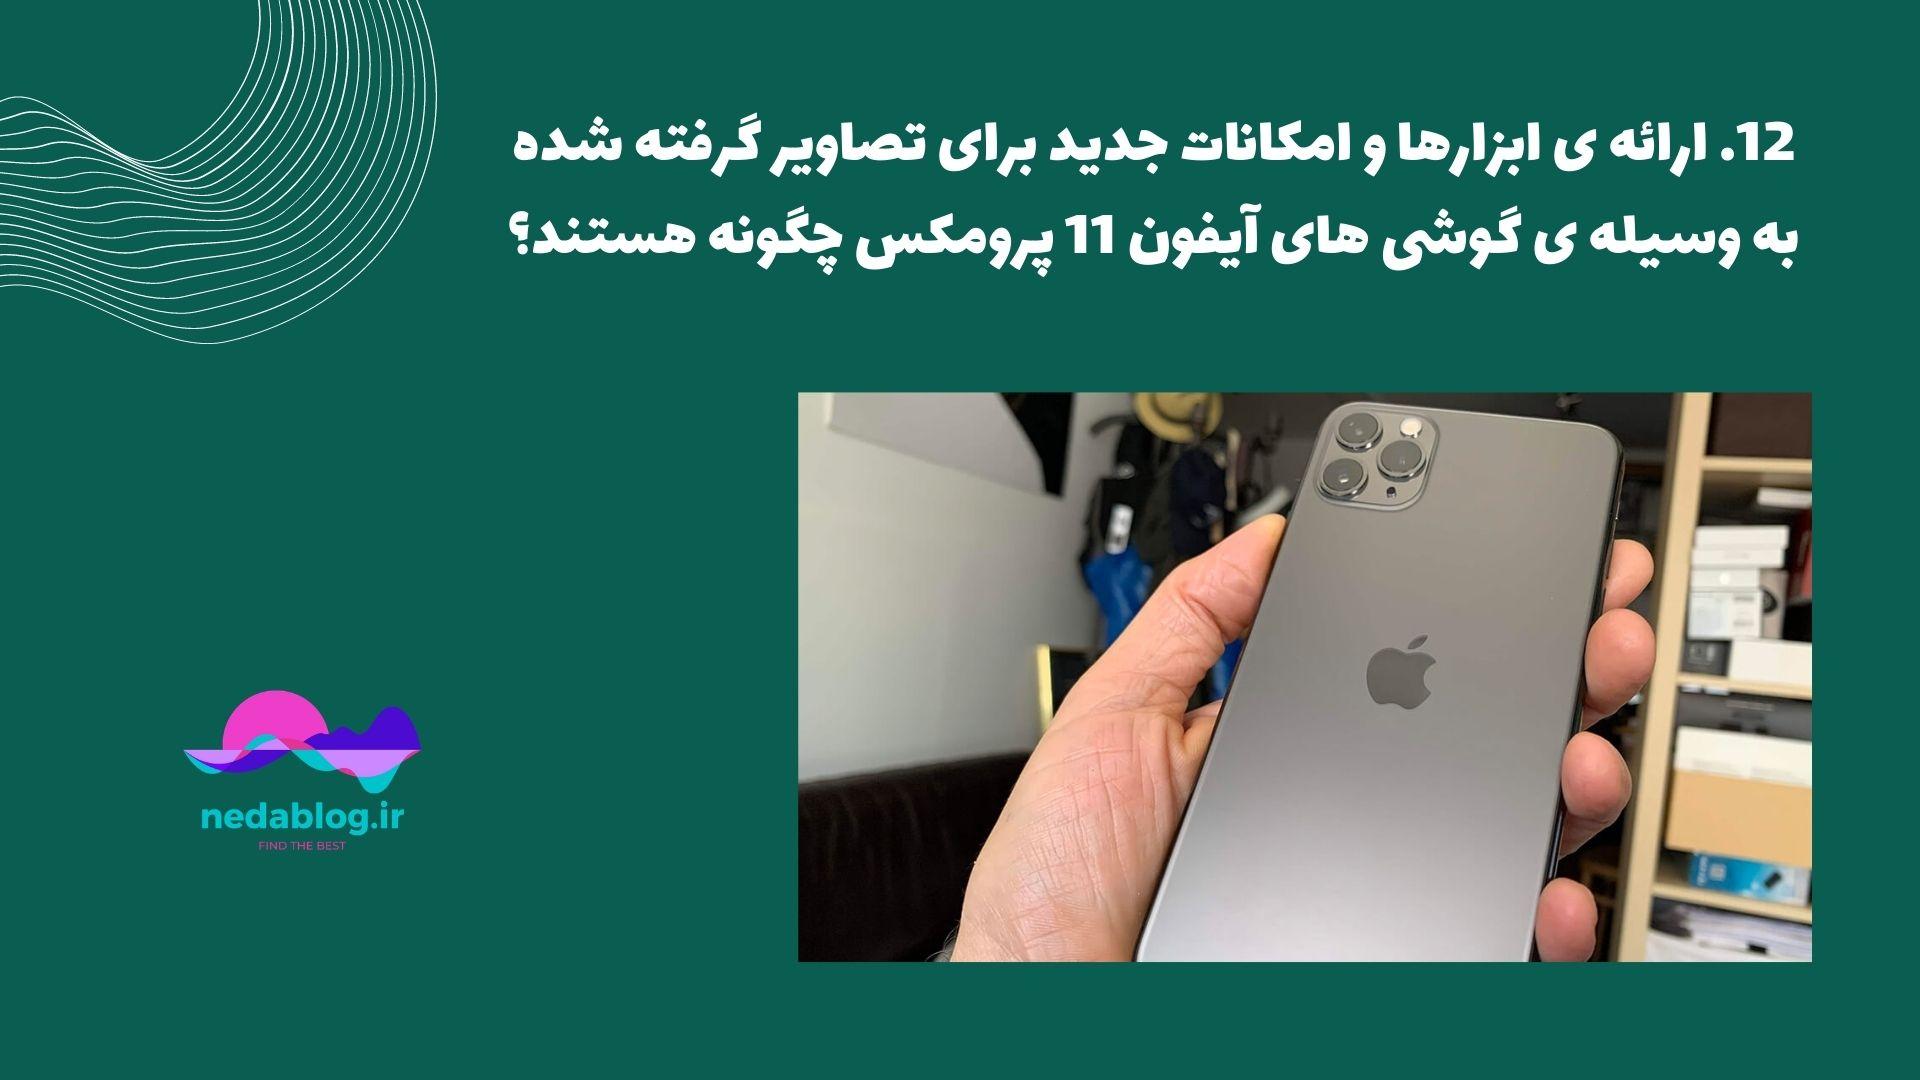 ارائه ی ابزارها و امکانات جدید برای تصاویر گرفته شده به وسیله ی گوشی های آیفون 11 پرومکس چگونه هستند؟